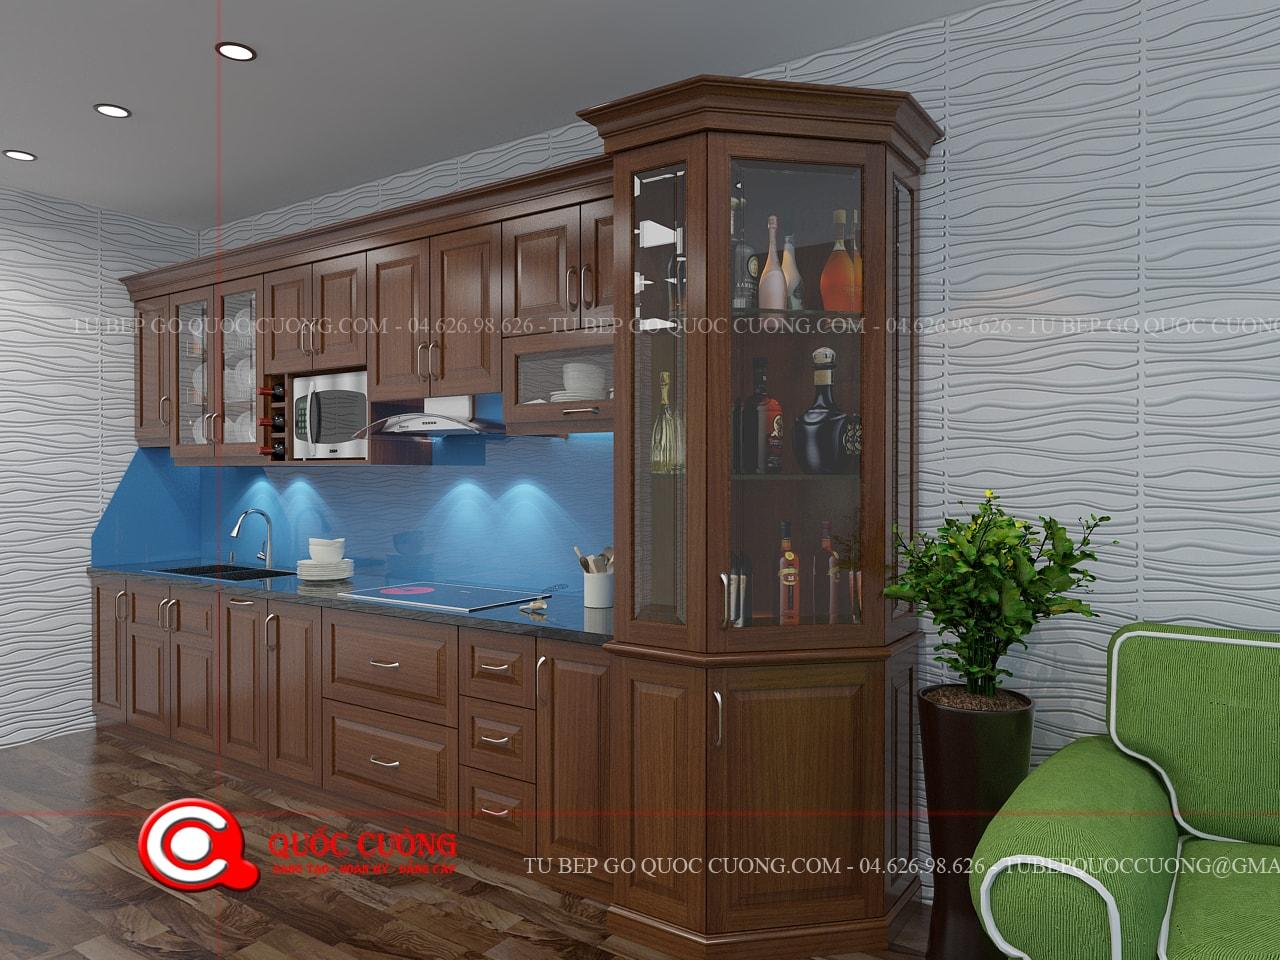 tủ bếp gỗ Xoan Đào Quốc Cường